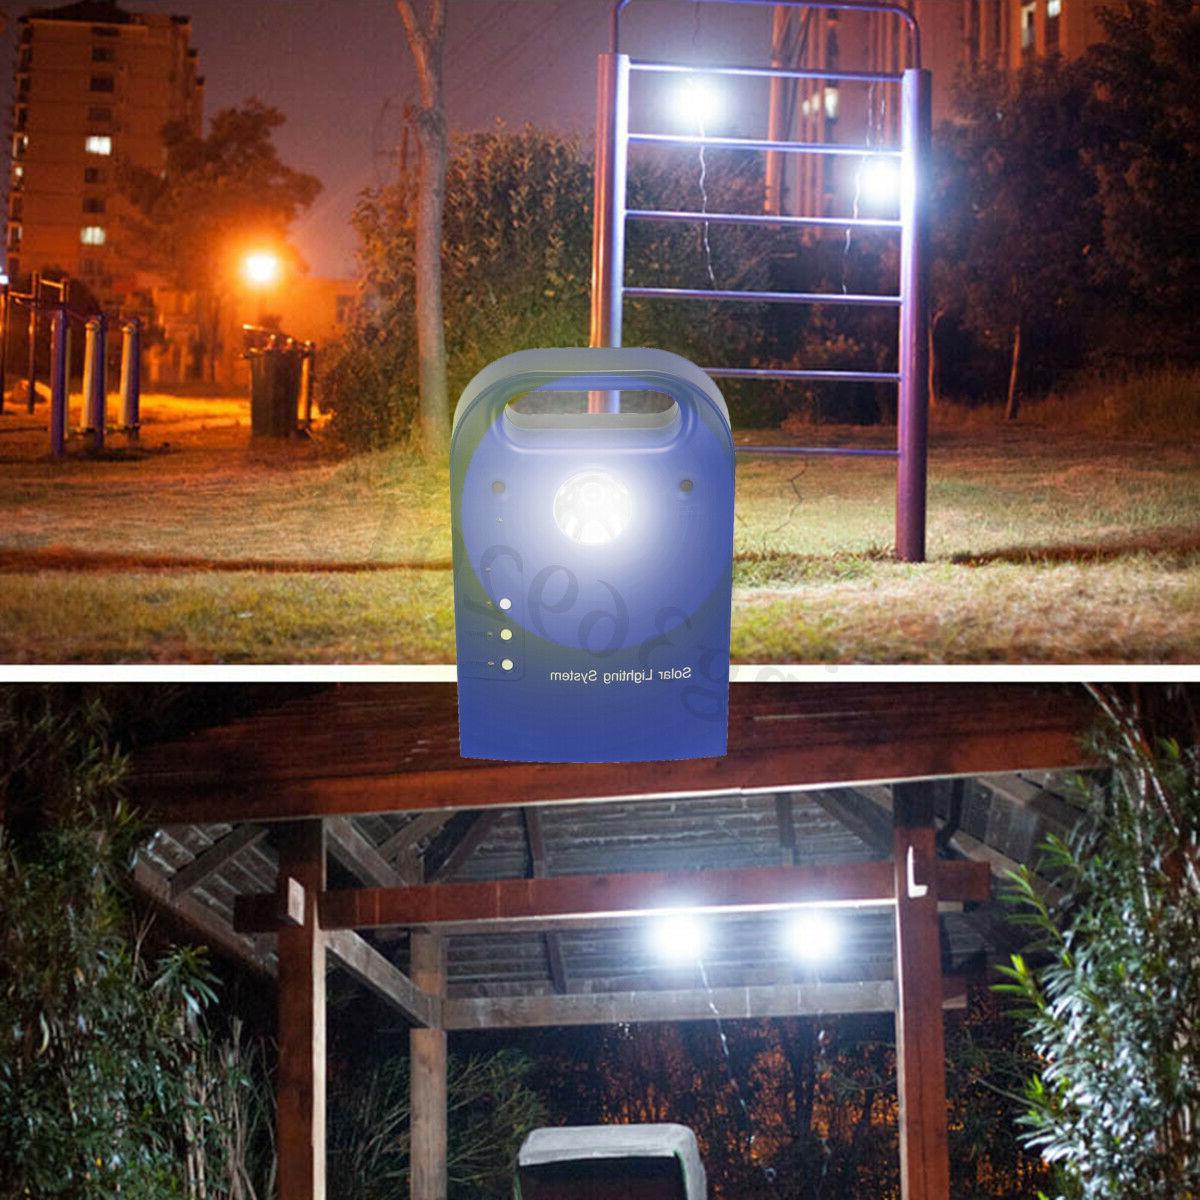 9V Portable Panels Light Power System